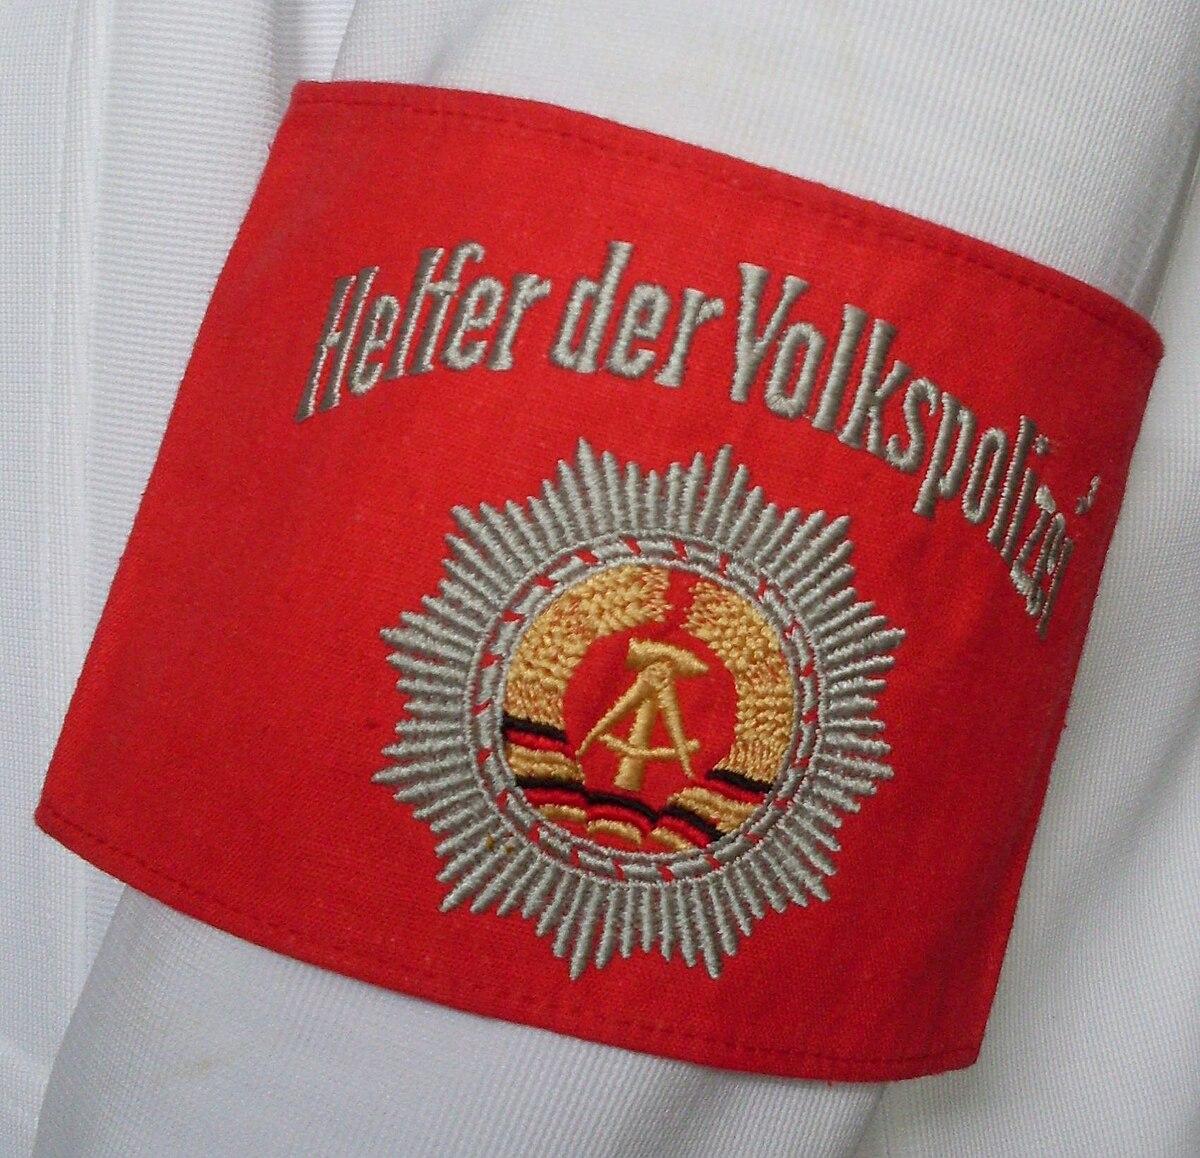 Freiwillige Helfer der Volkspolizei – Wikipedia